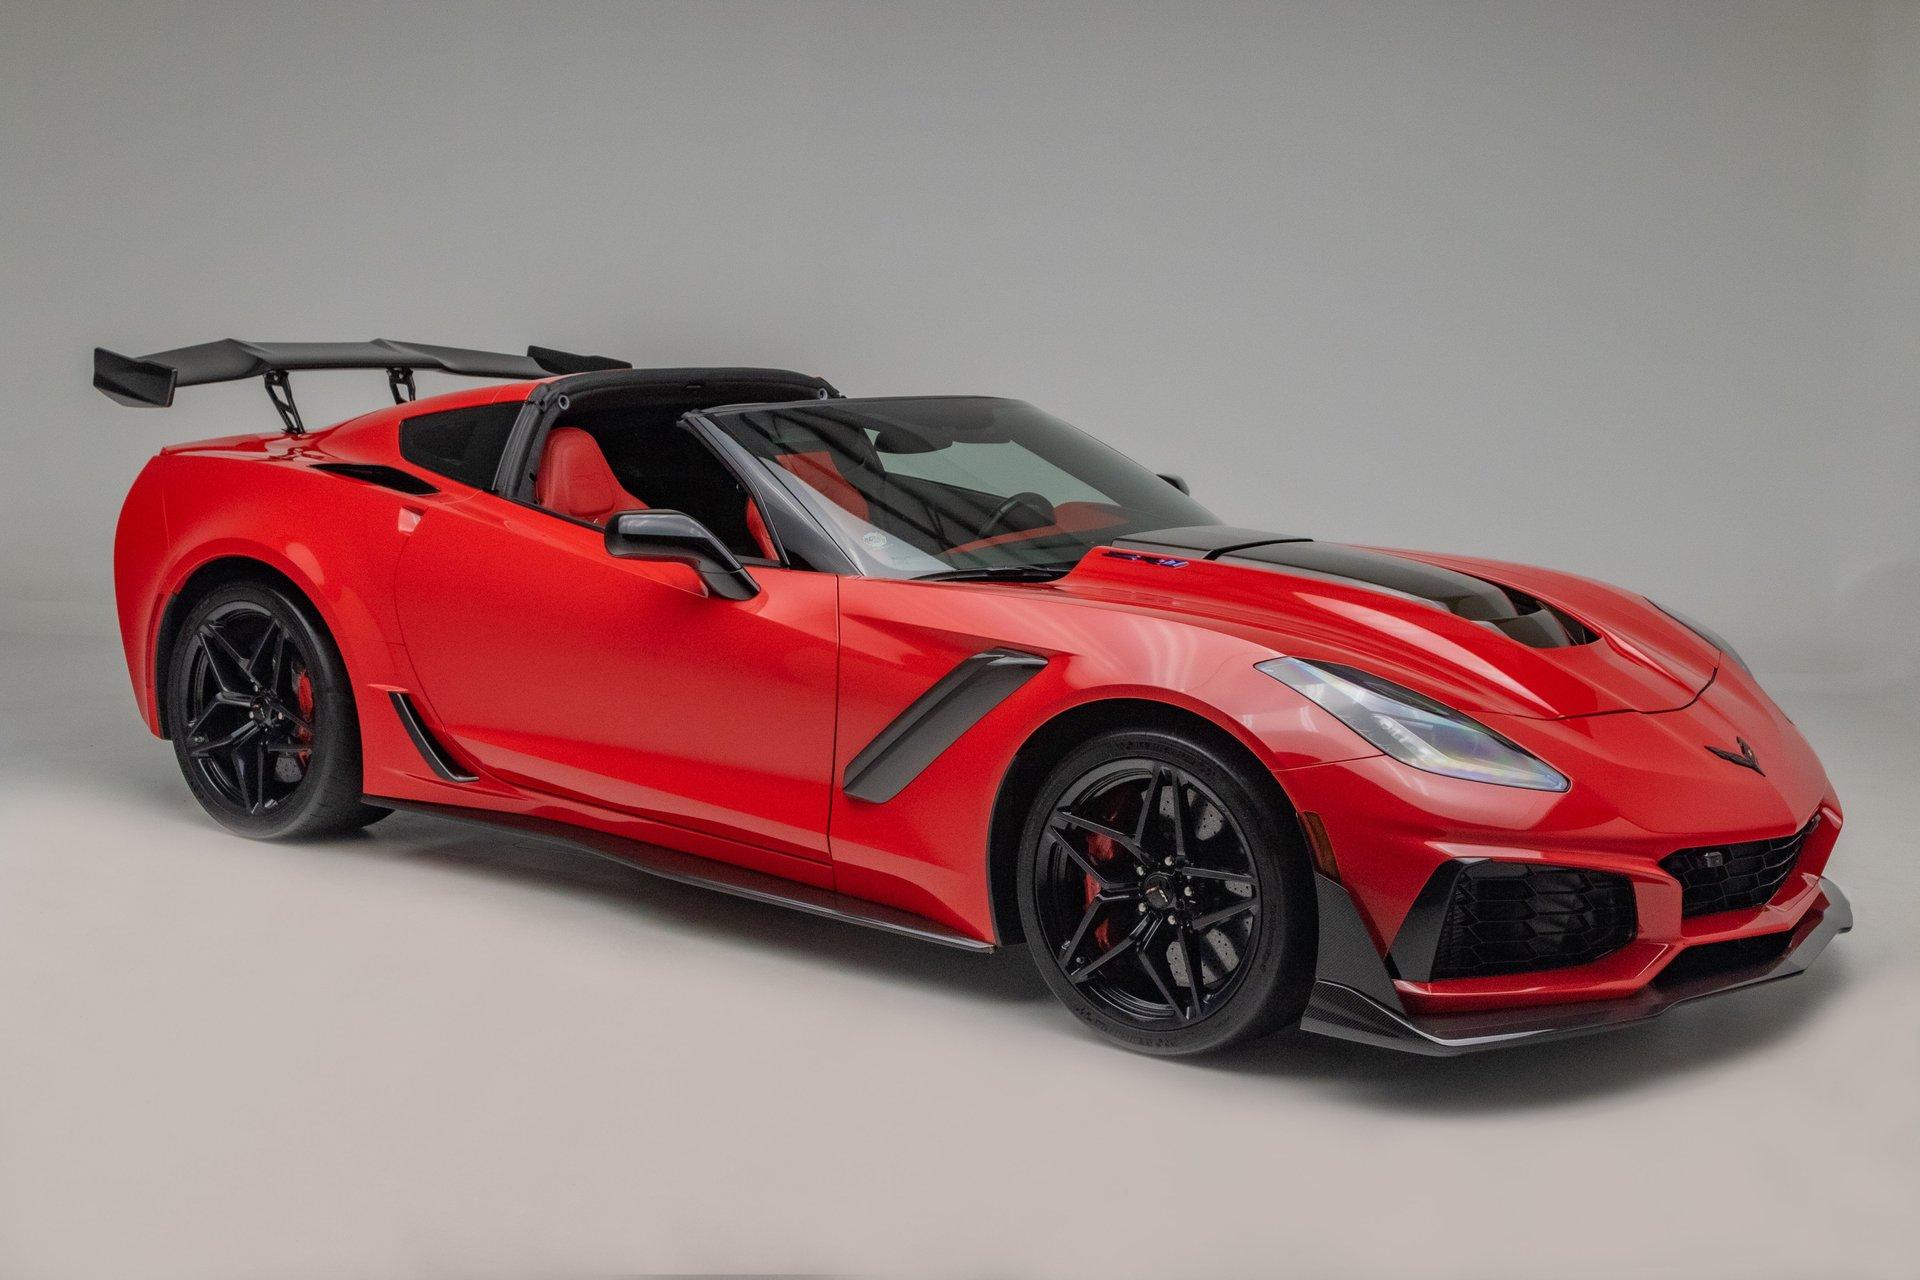 2019 chevrolet corvette zr1 supercharged